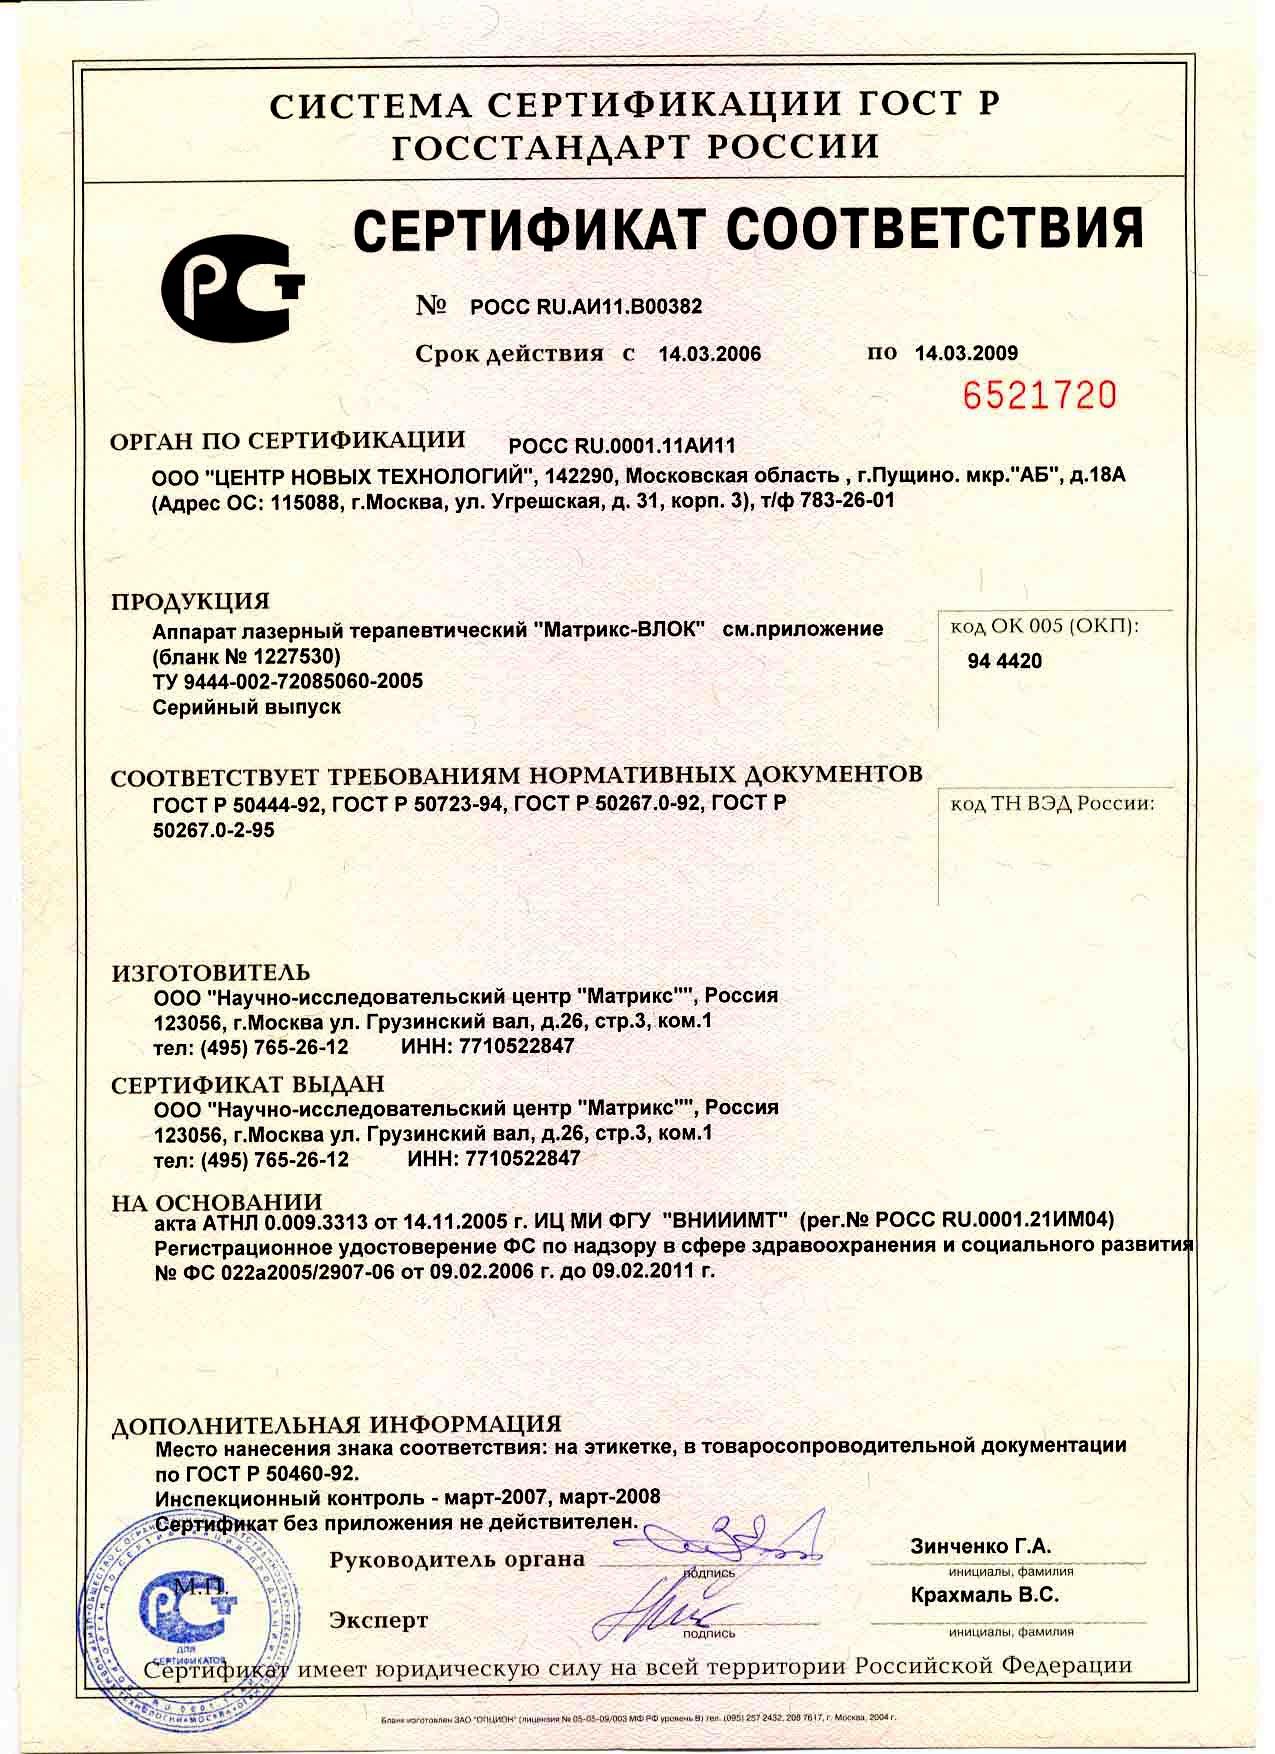 сертификат Матрикс-ВЛОК - аппарат лазерный терапевтический